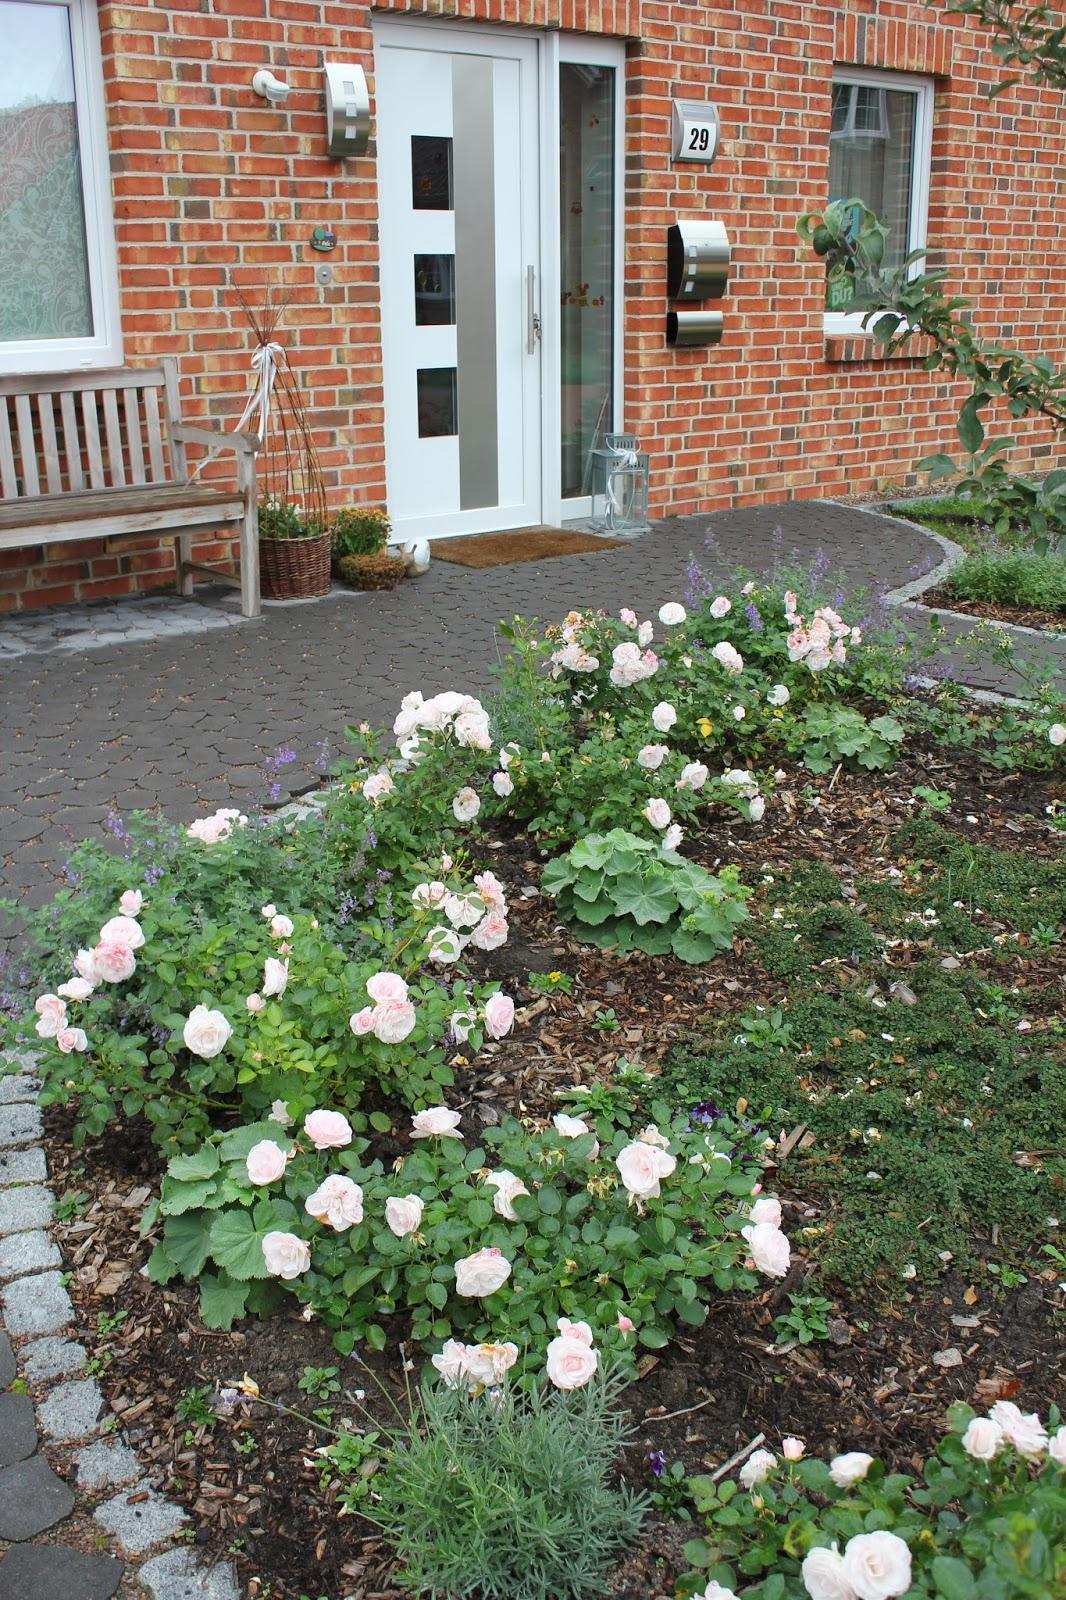 dabatabu: vorgarten und herbstarbeiten., Gartenarbeit ideen